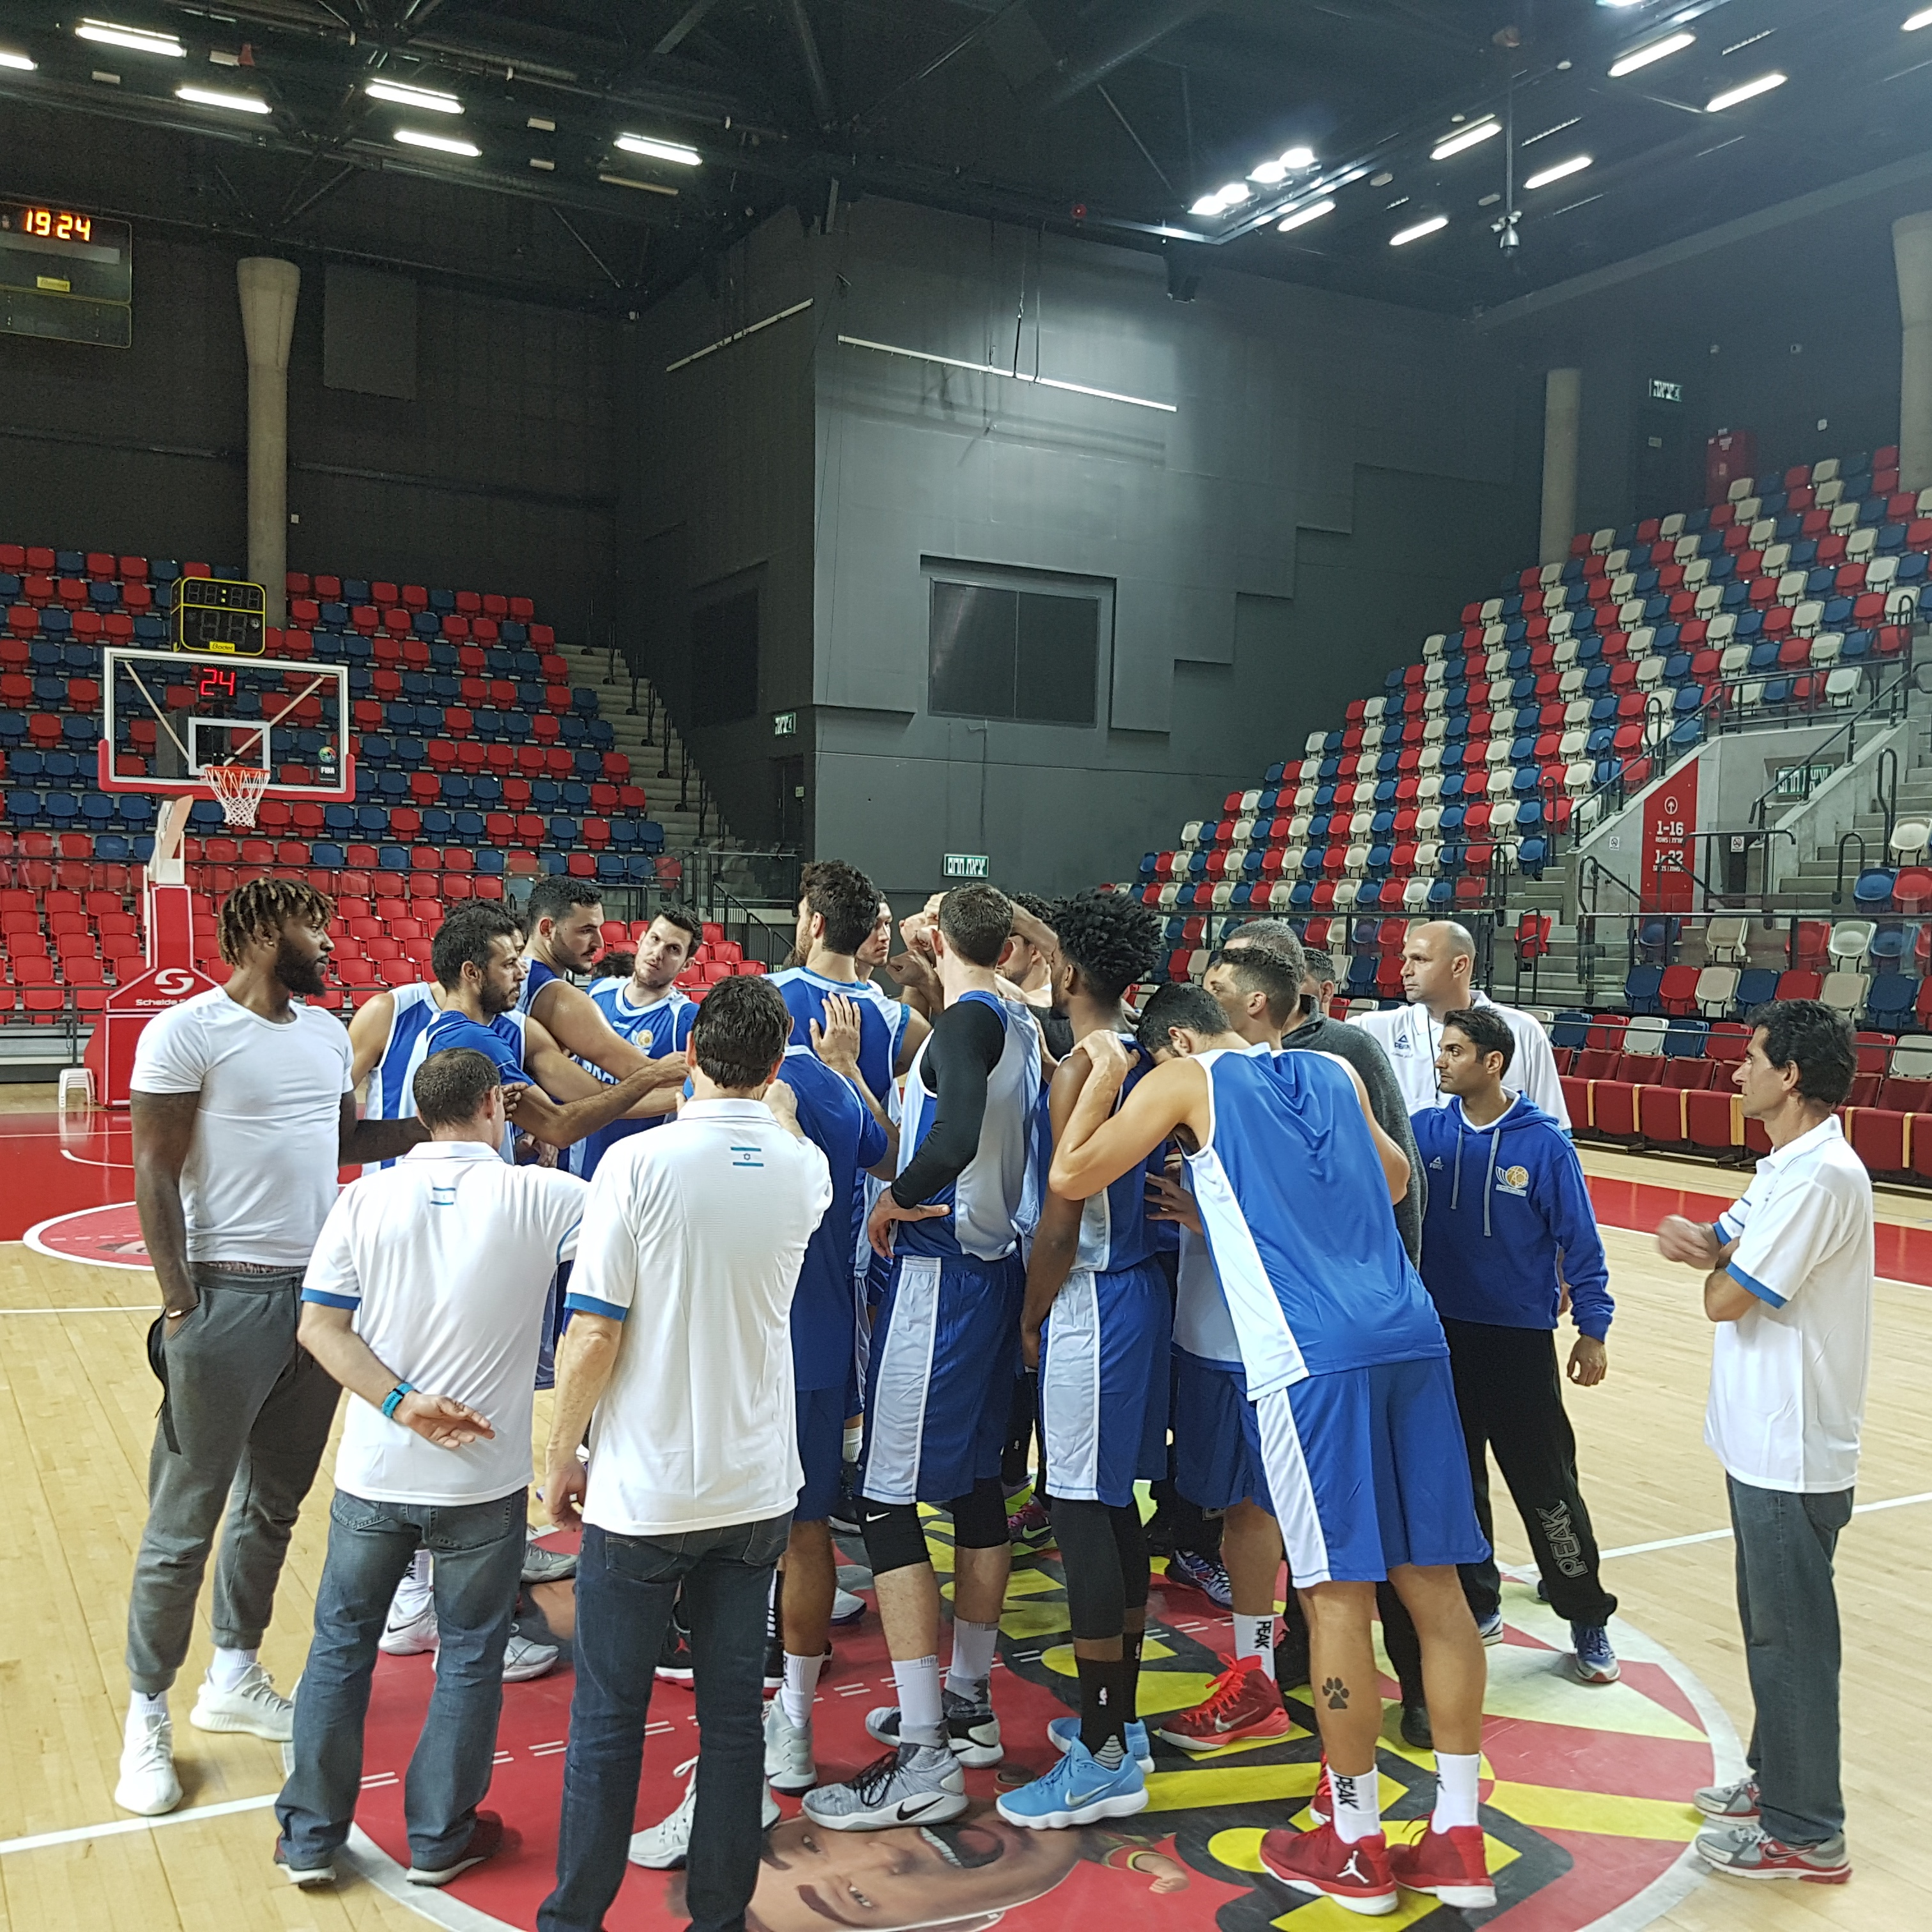 משטרת ישראל מרגיעה – לא תהיה בעיה להגיע למשחק הנבחרת ביום שישי למרות המרתון